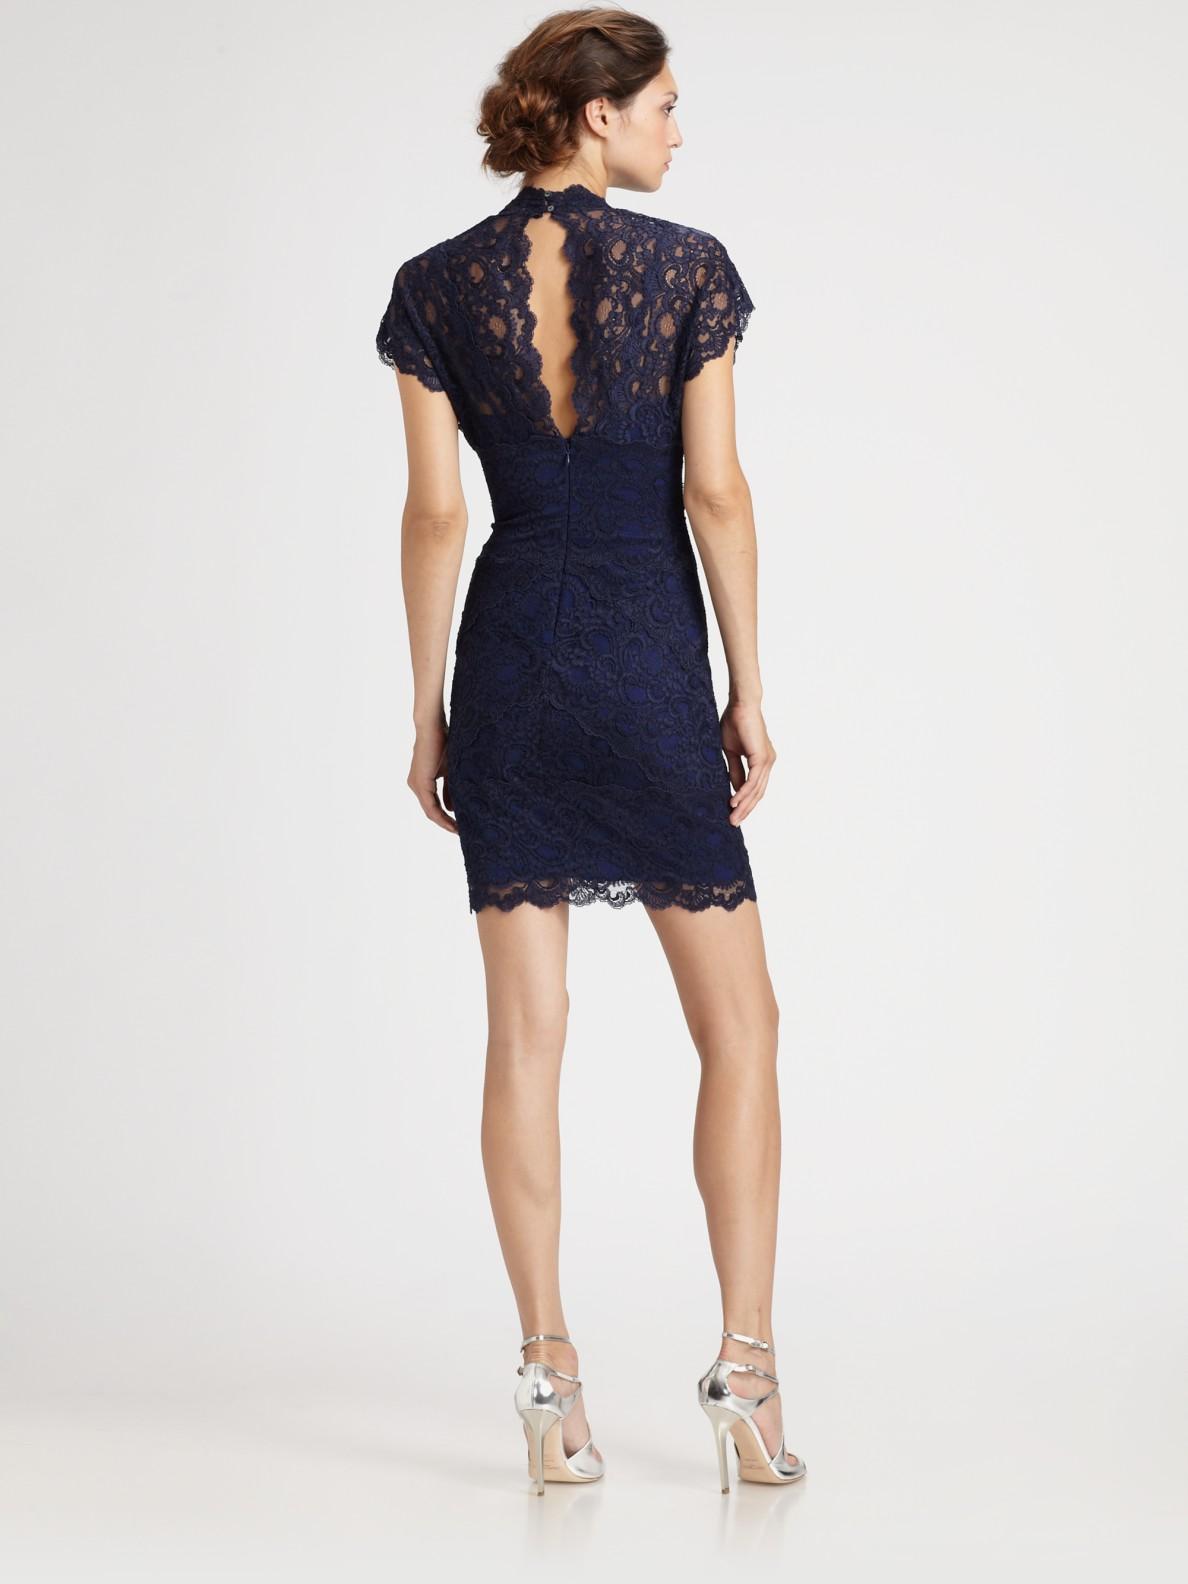 Nicole Miller Lace Dress In Blue Lyst